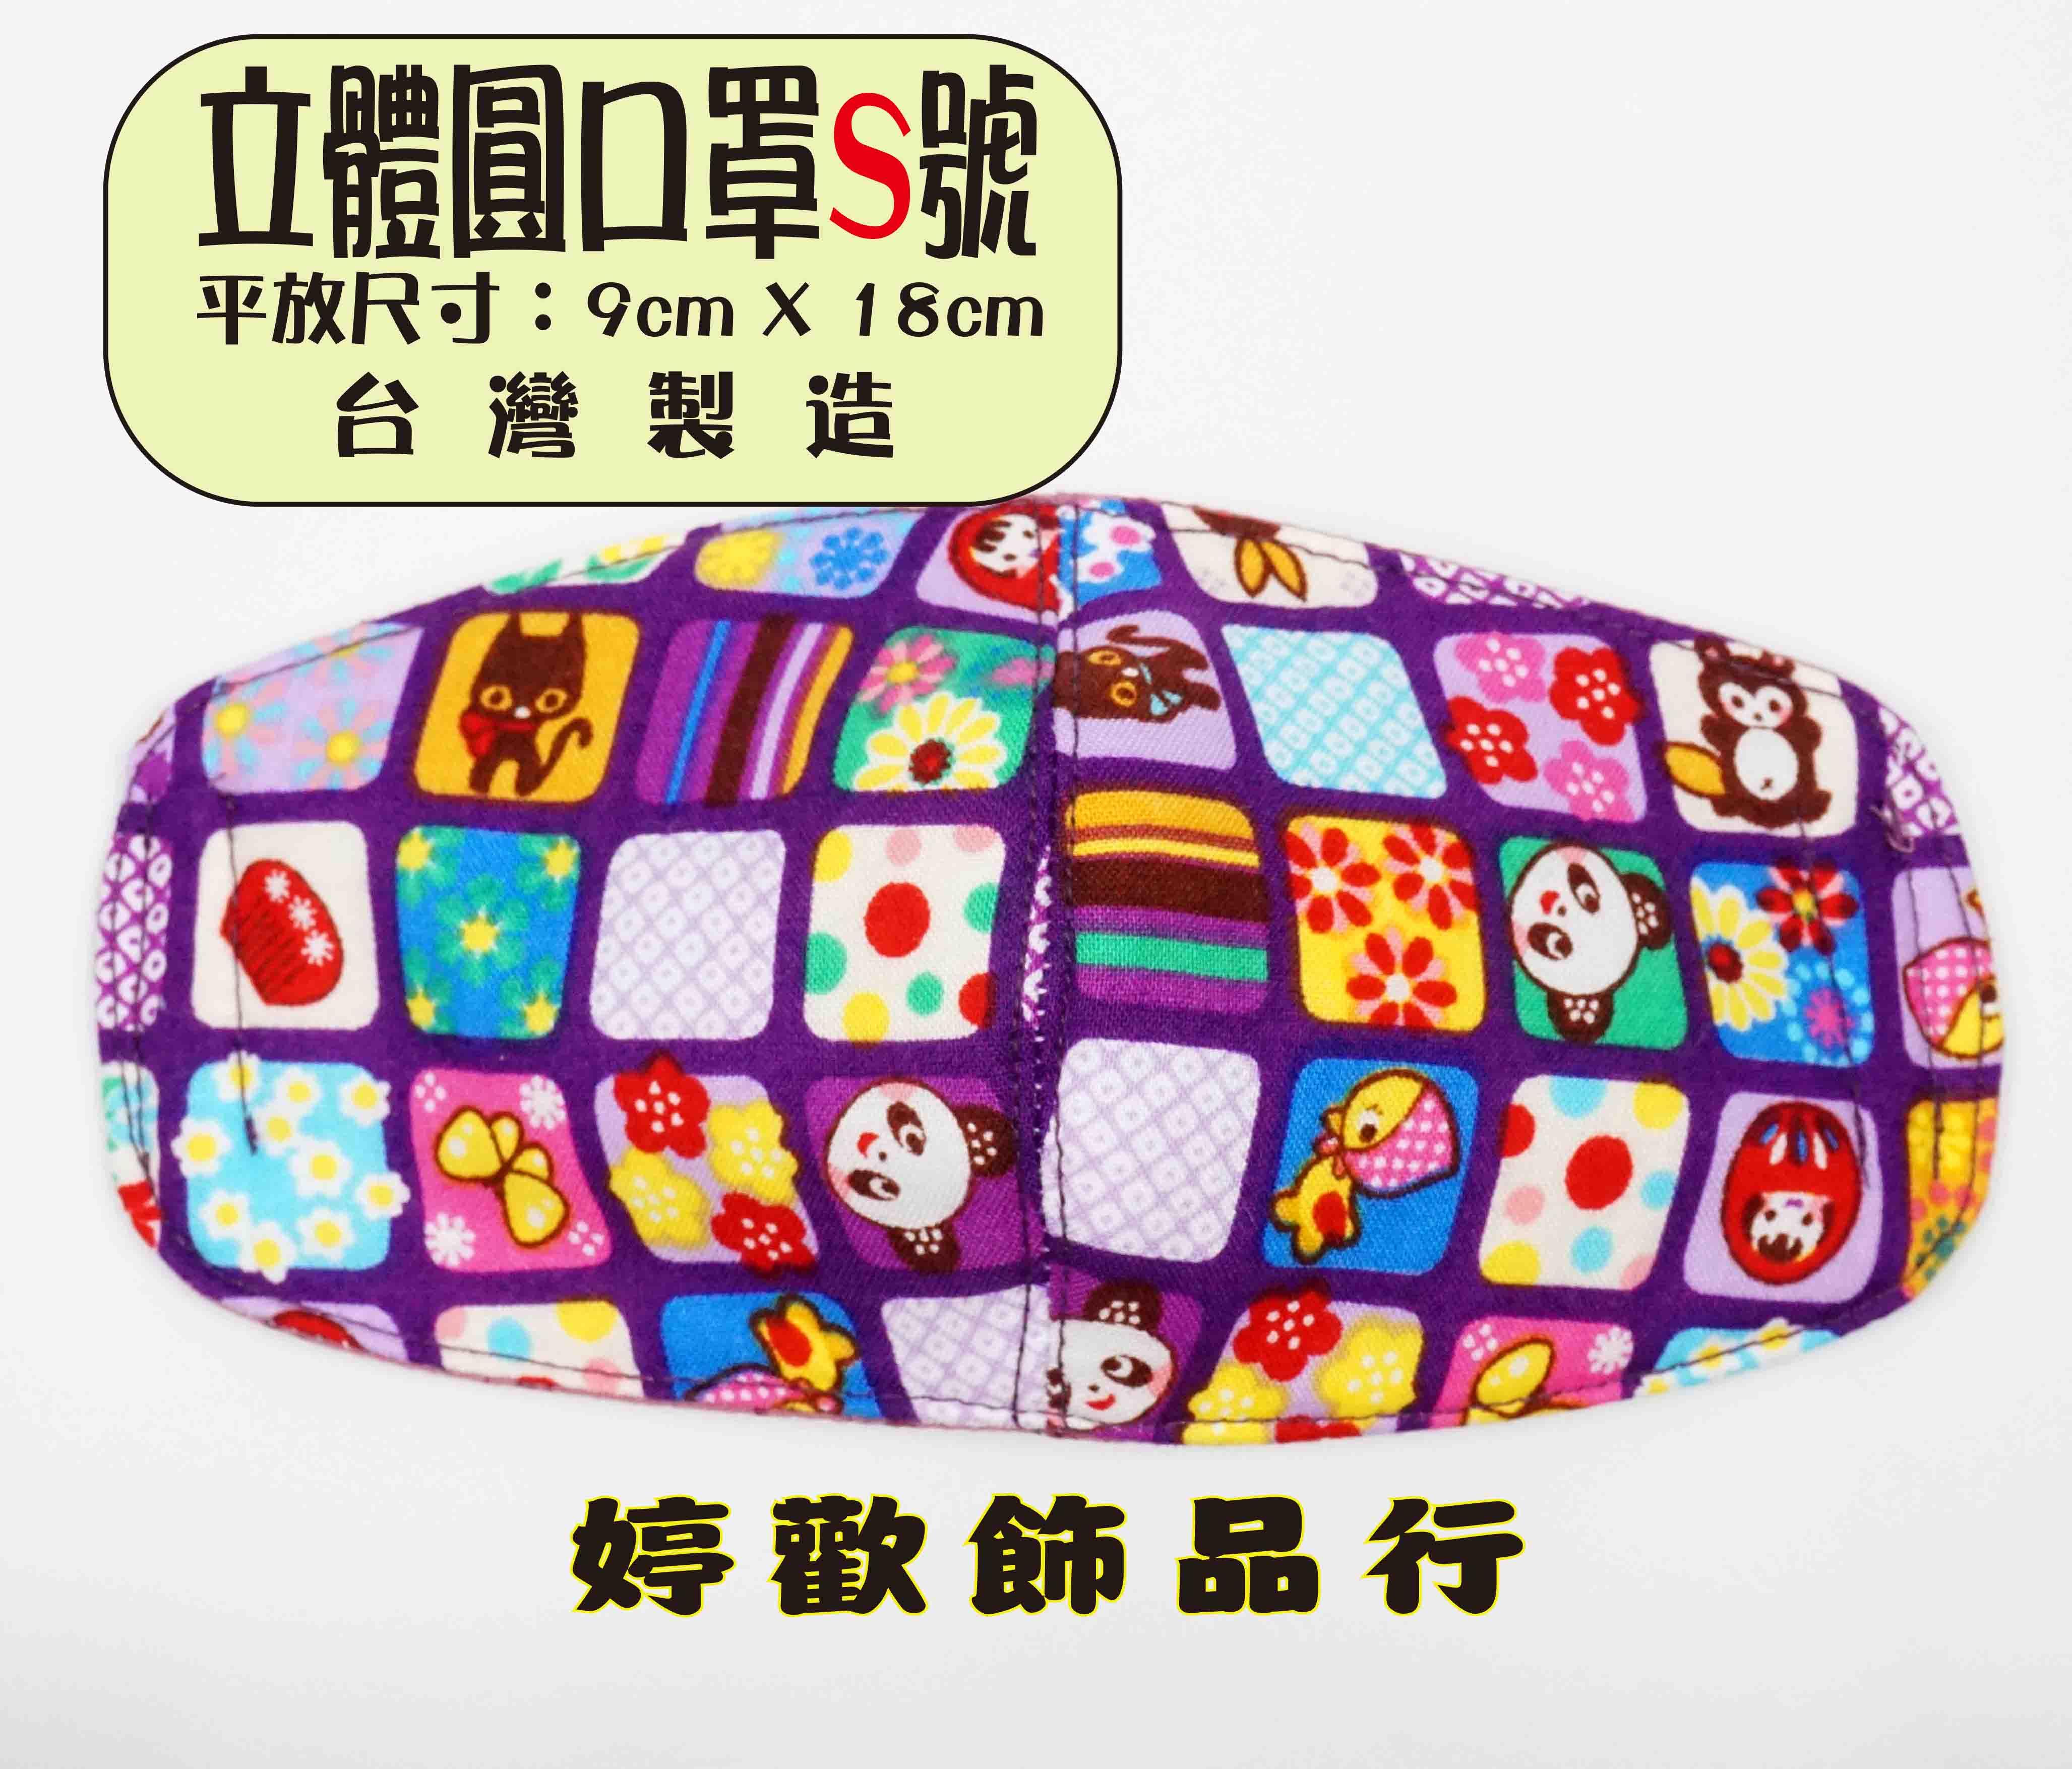 幼童專用/純棉花布立體圓口罩/兒童口罩/方塊甜心